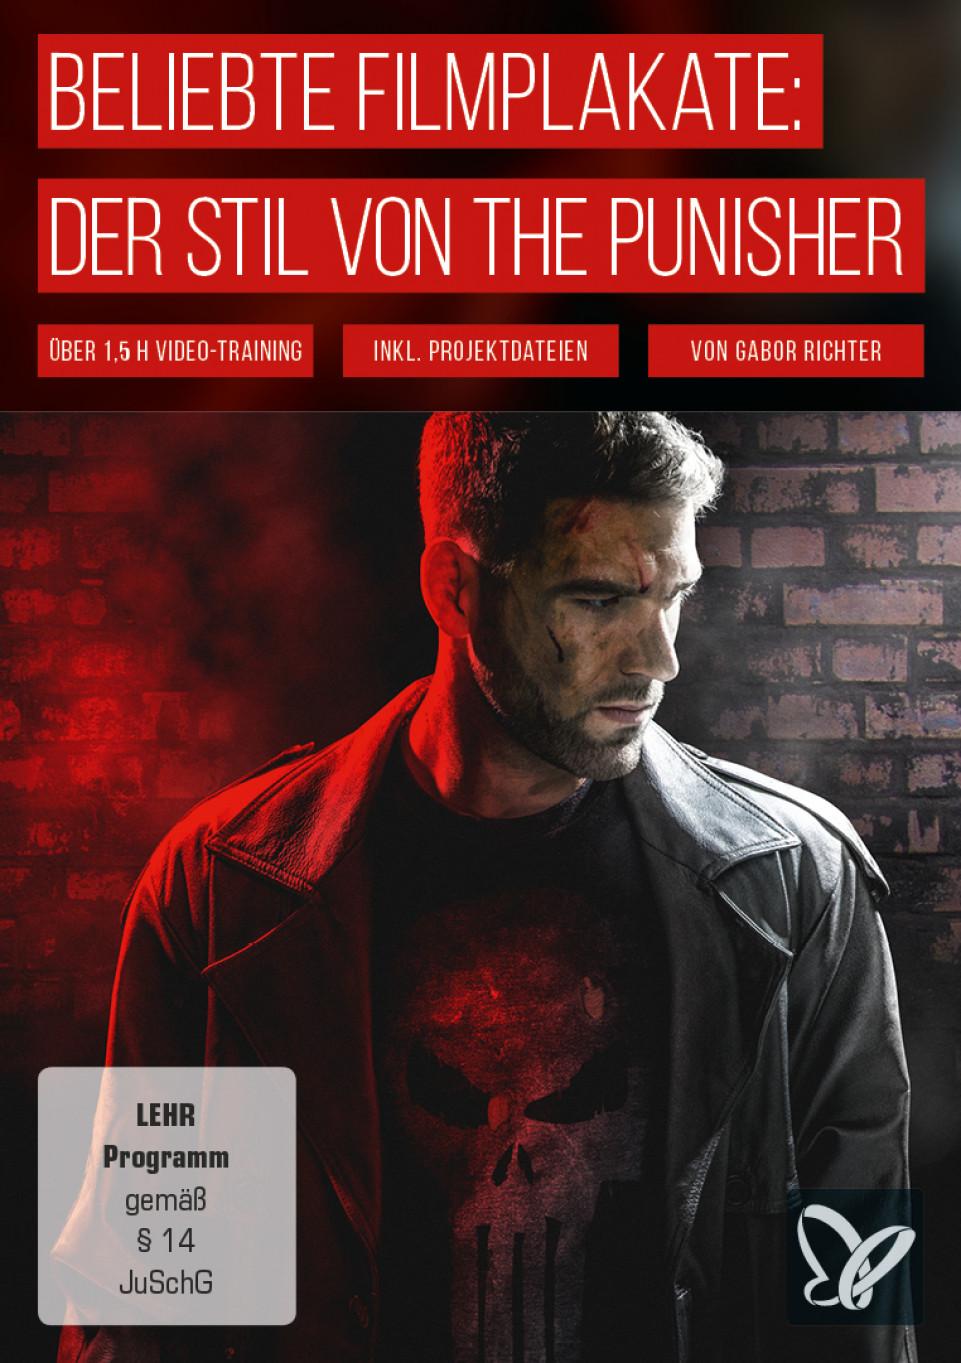 Poster im Stil des Punisher erstellen: der Cinematic Look in Photoshop